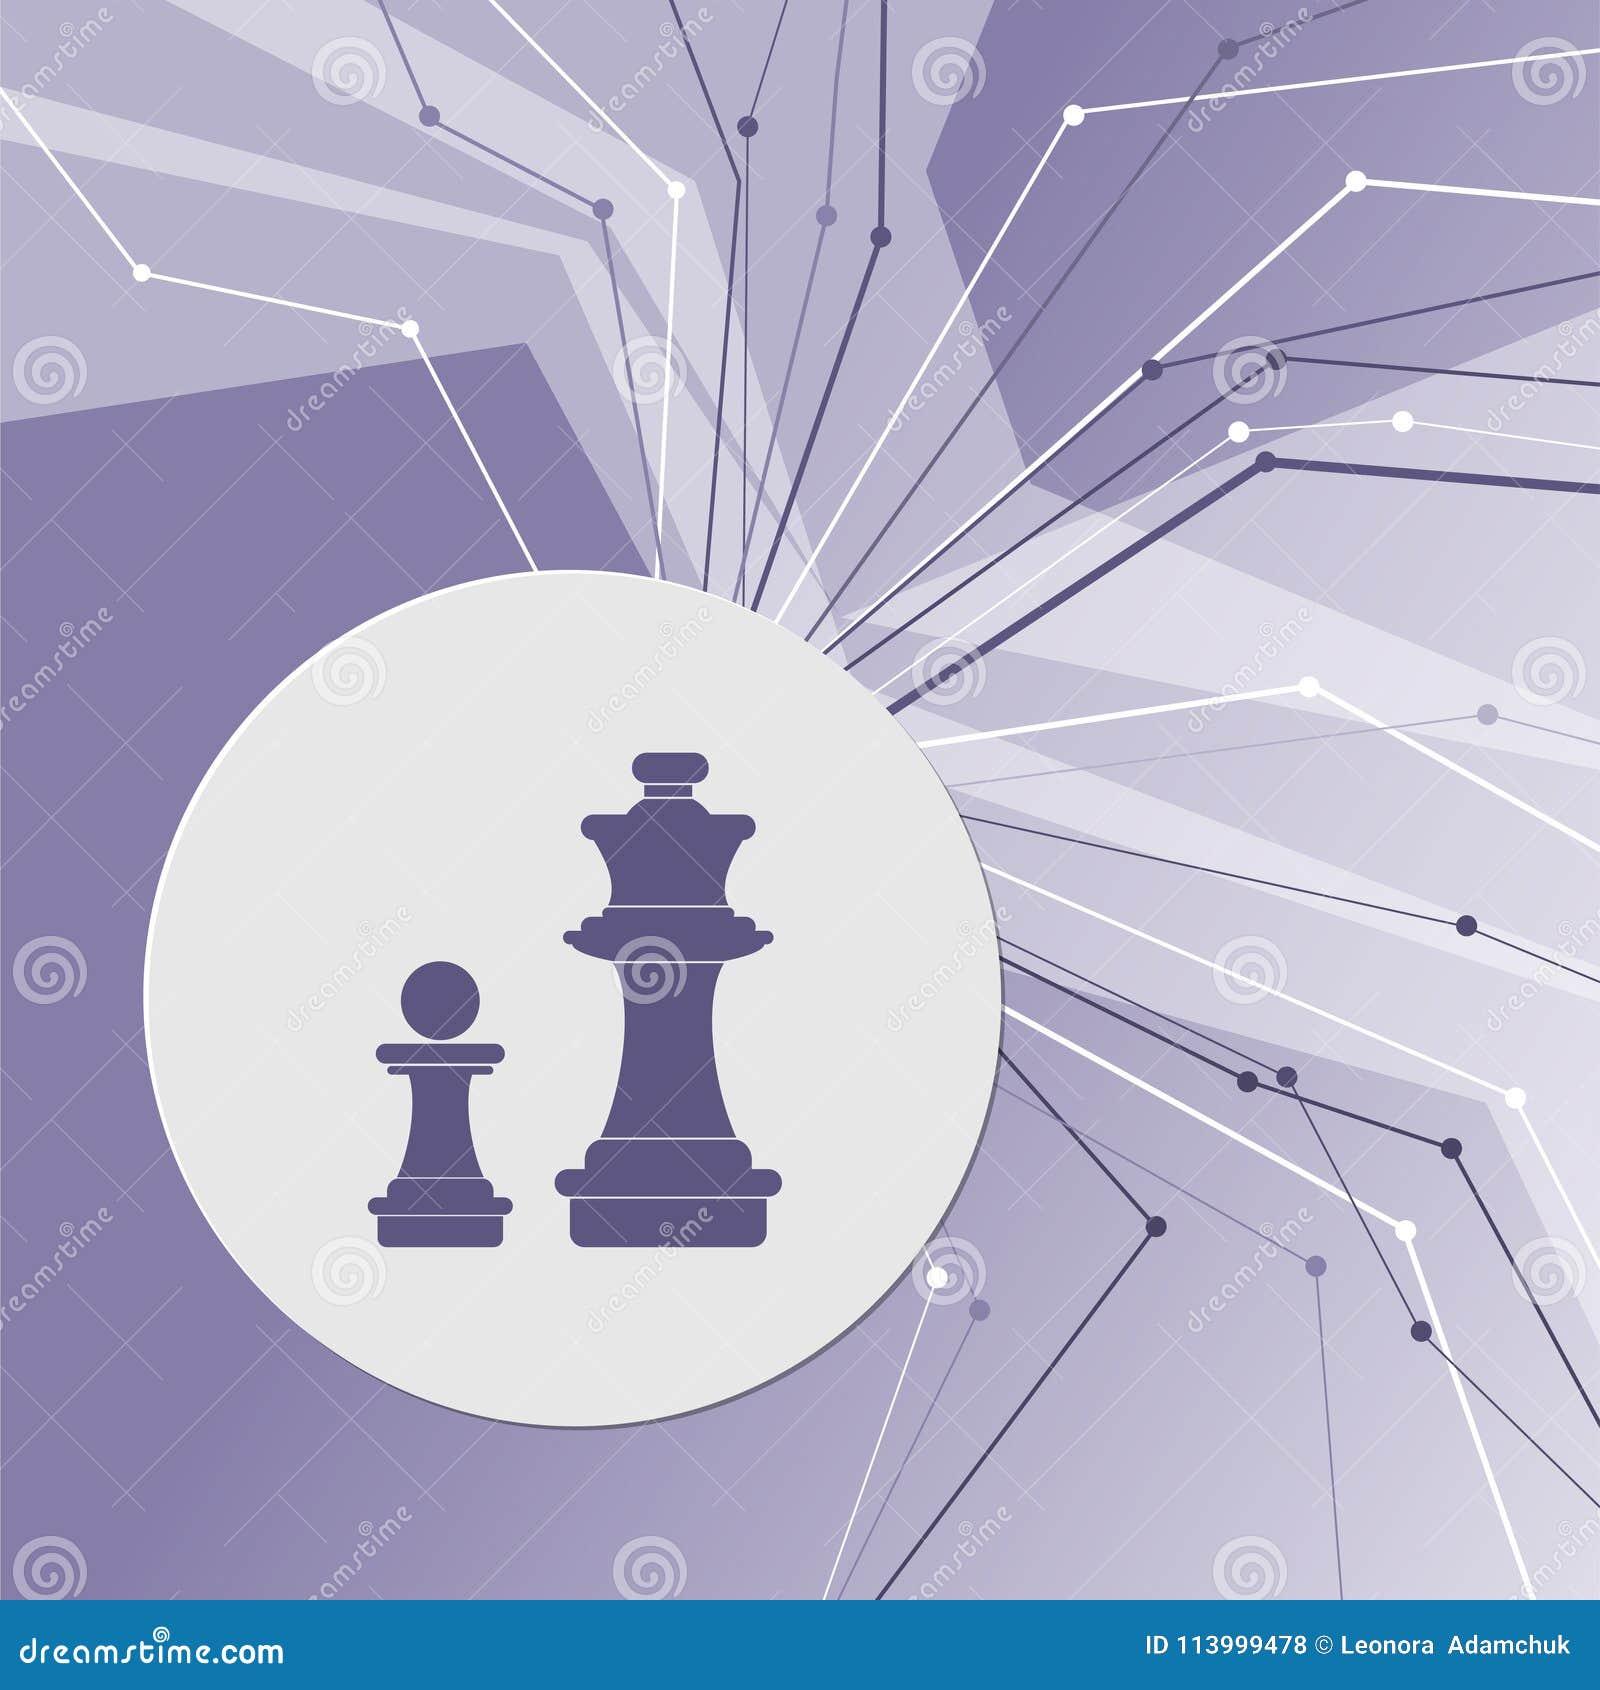 Icona di scacchi su fondo moderno astratto porpora Le linee in tutte le direzioni Con stanza per la vostra pubblicità